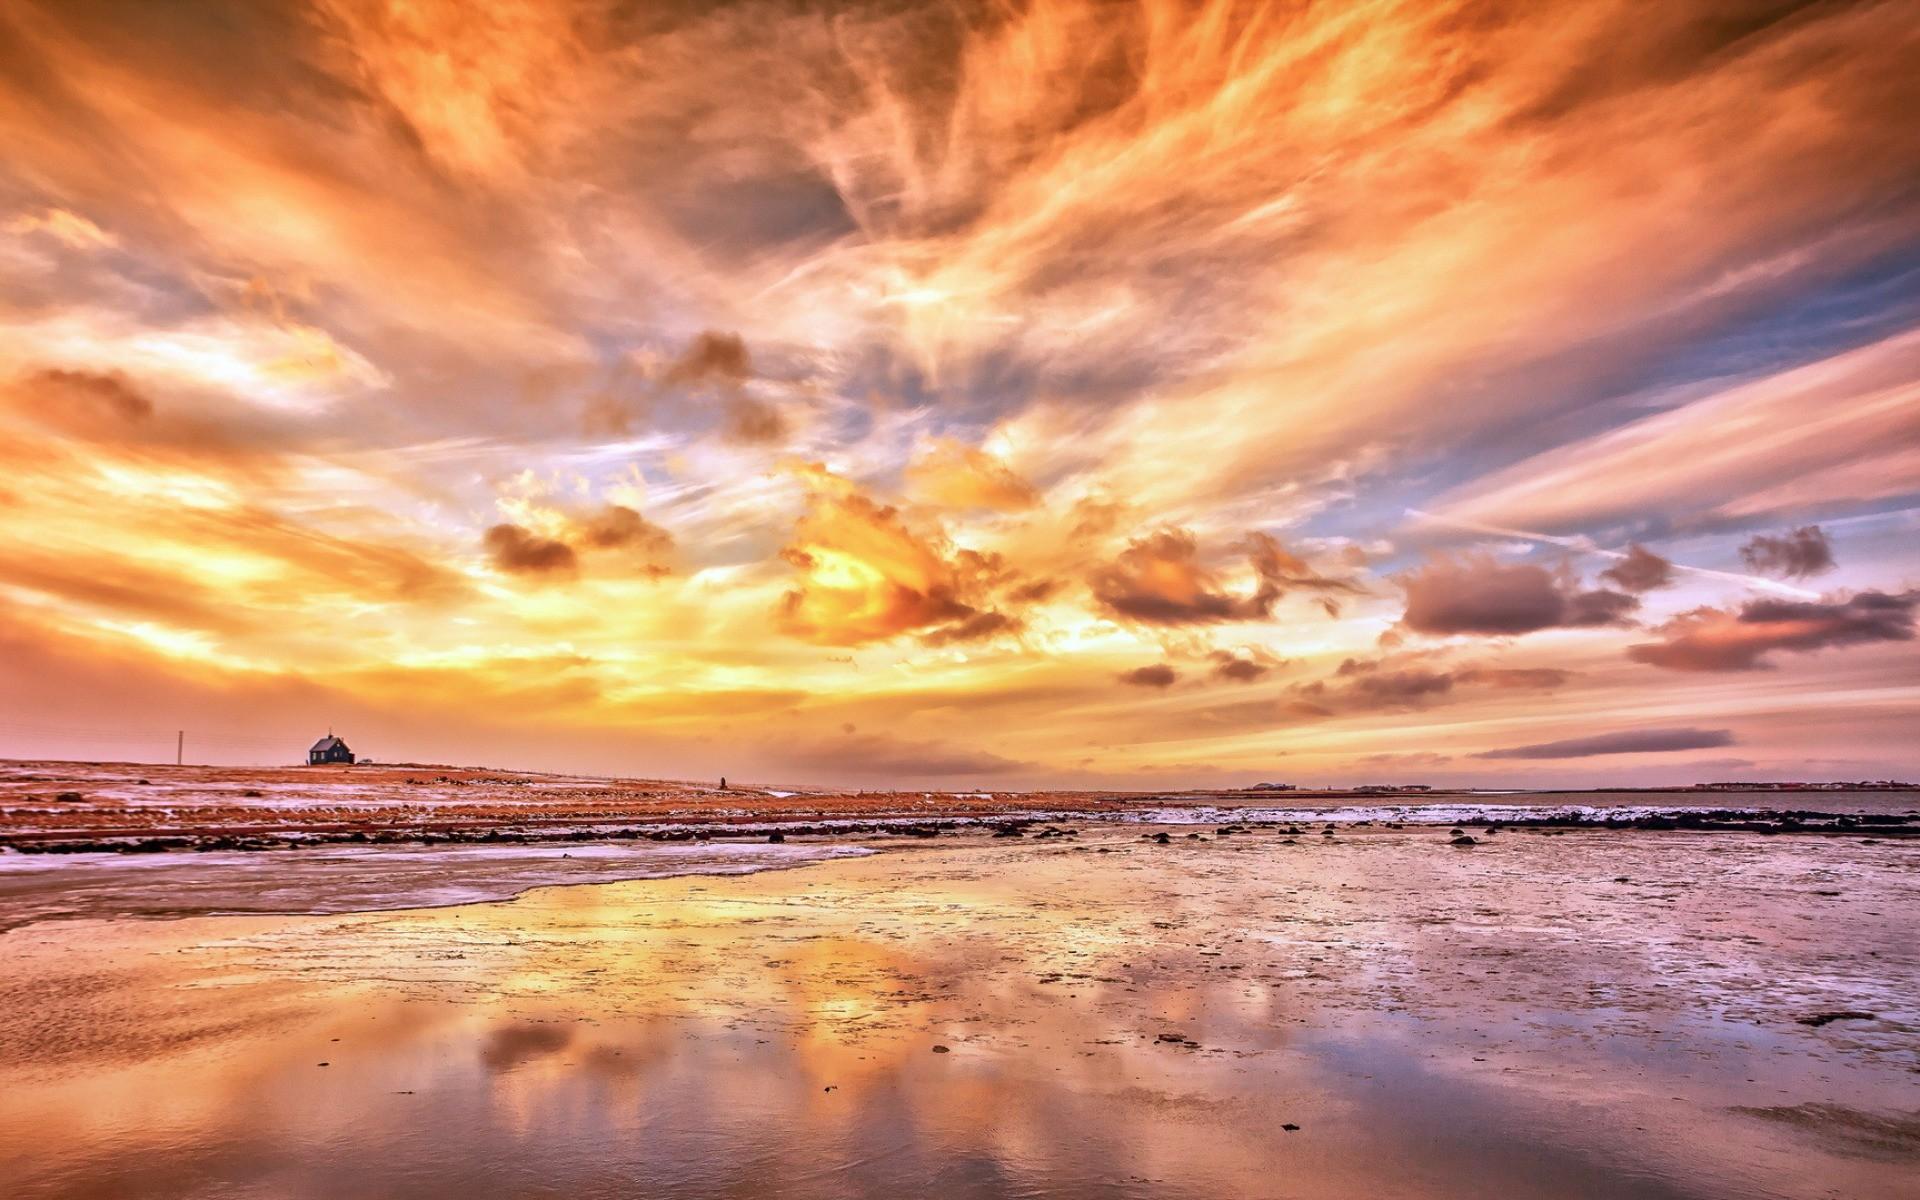 Sfondi tramonto 59 immagini for Sfondi desktop tramonti mare